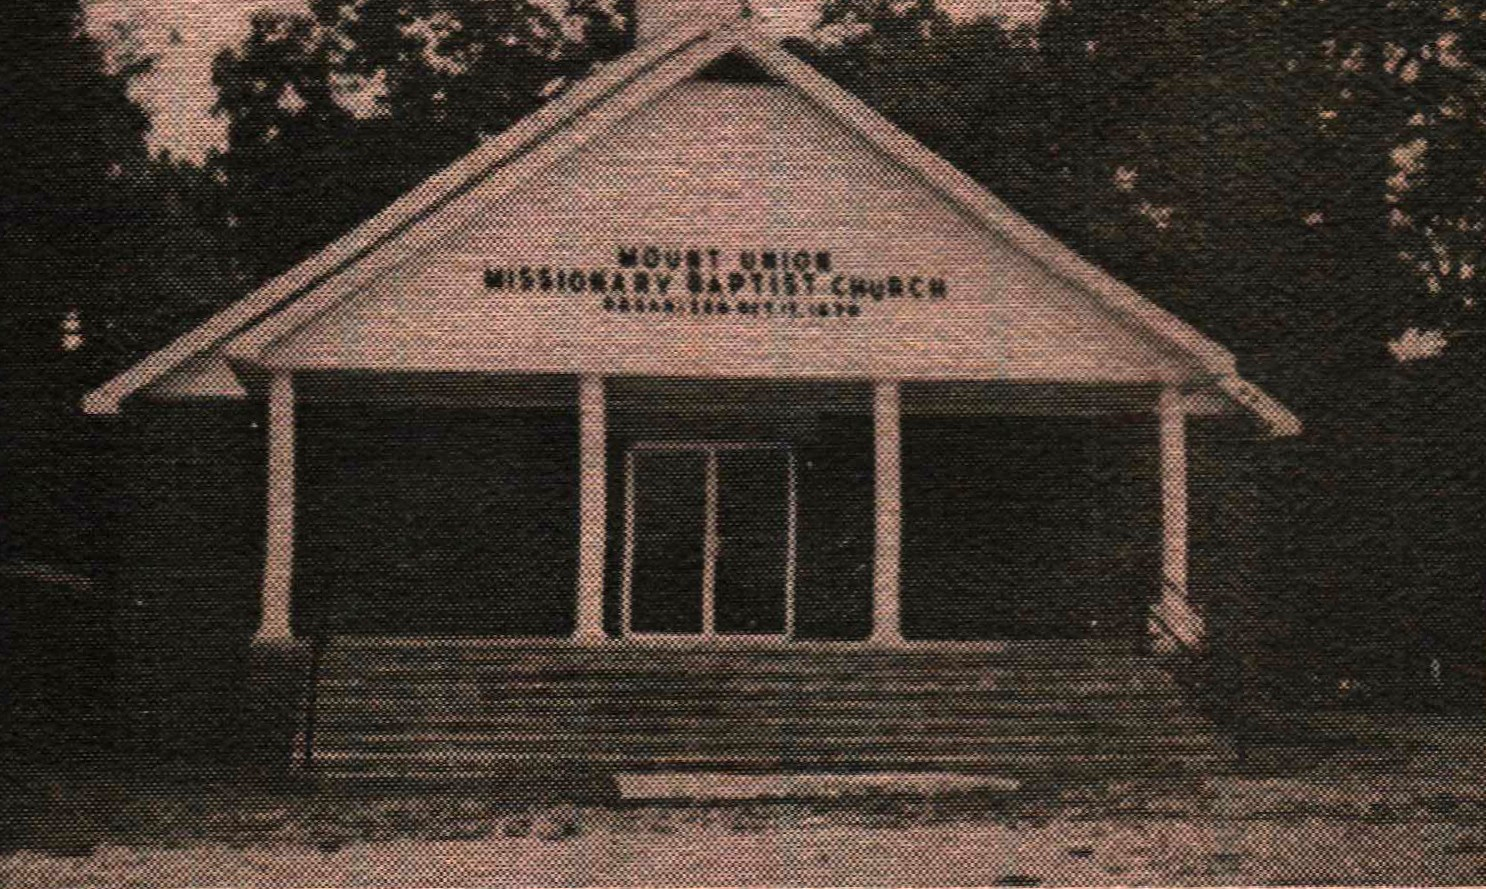 Mt Union Miss Baptist.jpg